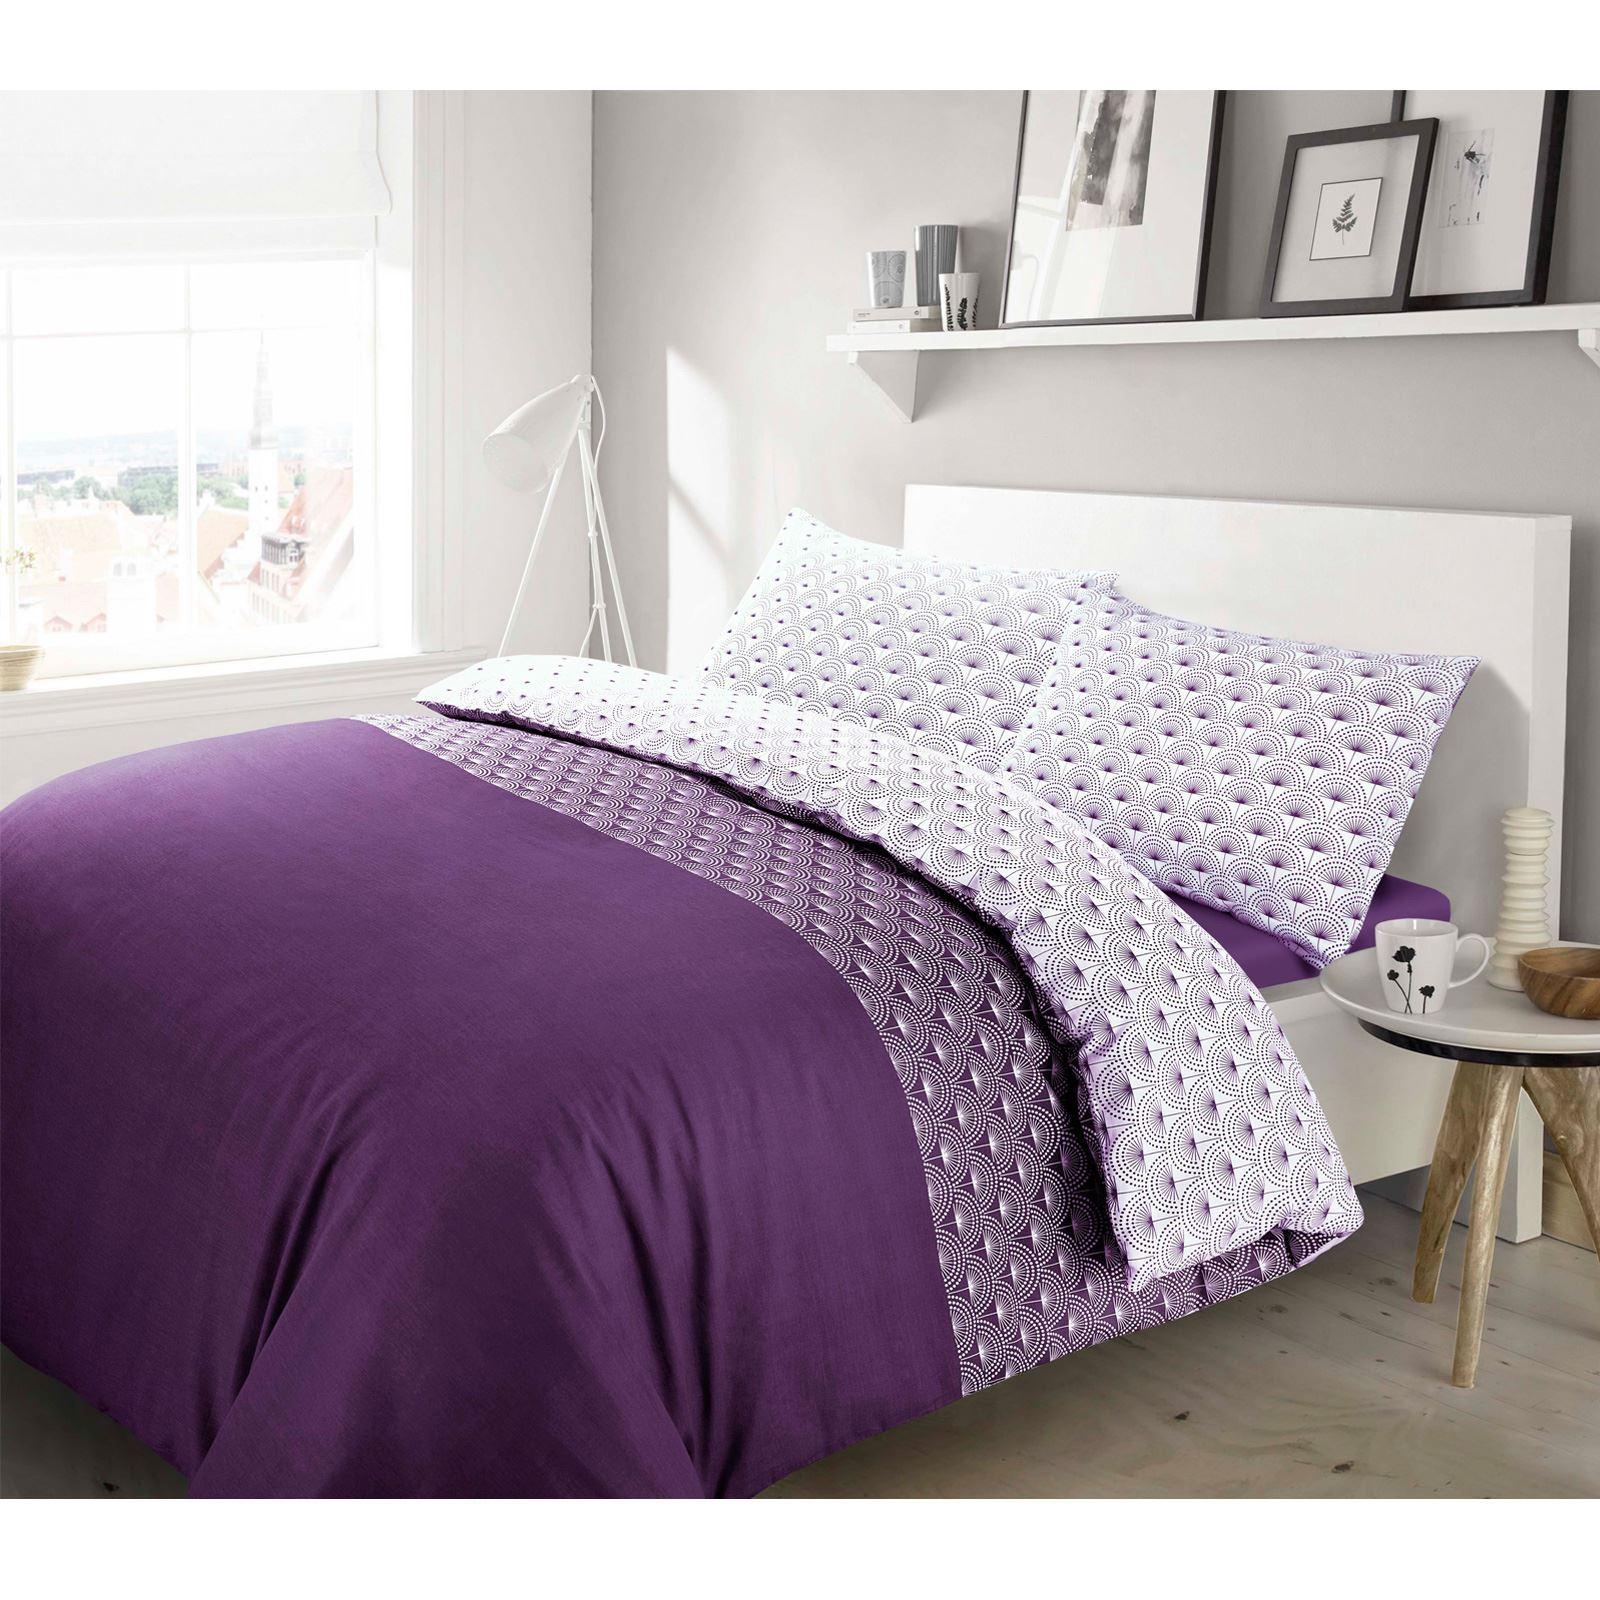 Floral Dandelion 100 Cotton Purple Duvet Cover Bedding Set Single